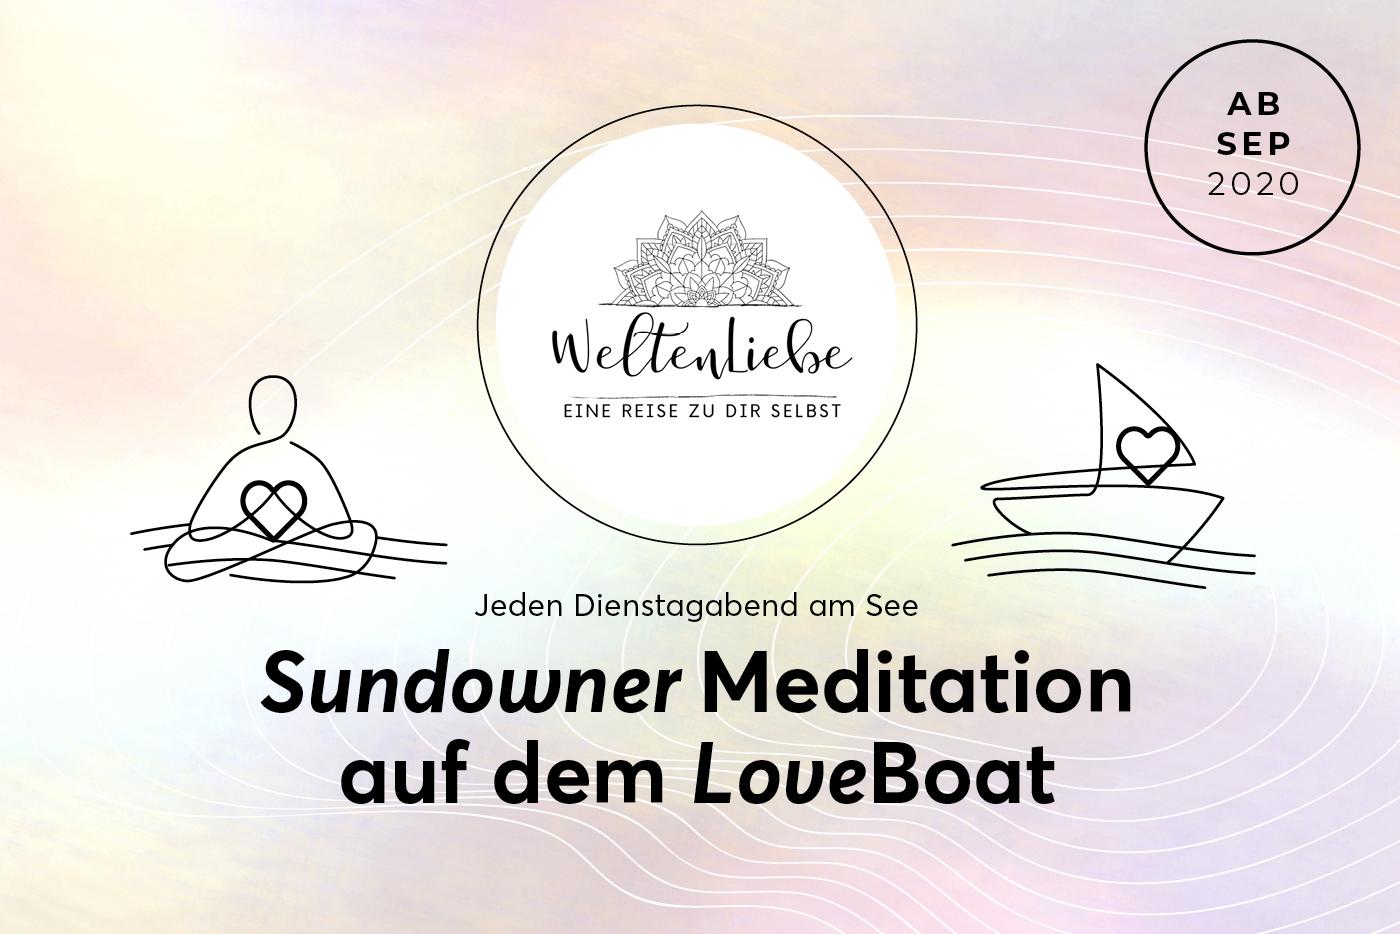 Sundowner Meditation mit Weltenliebe auf dem LoveBoat